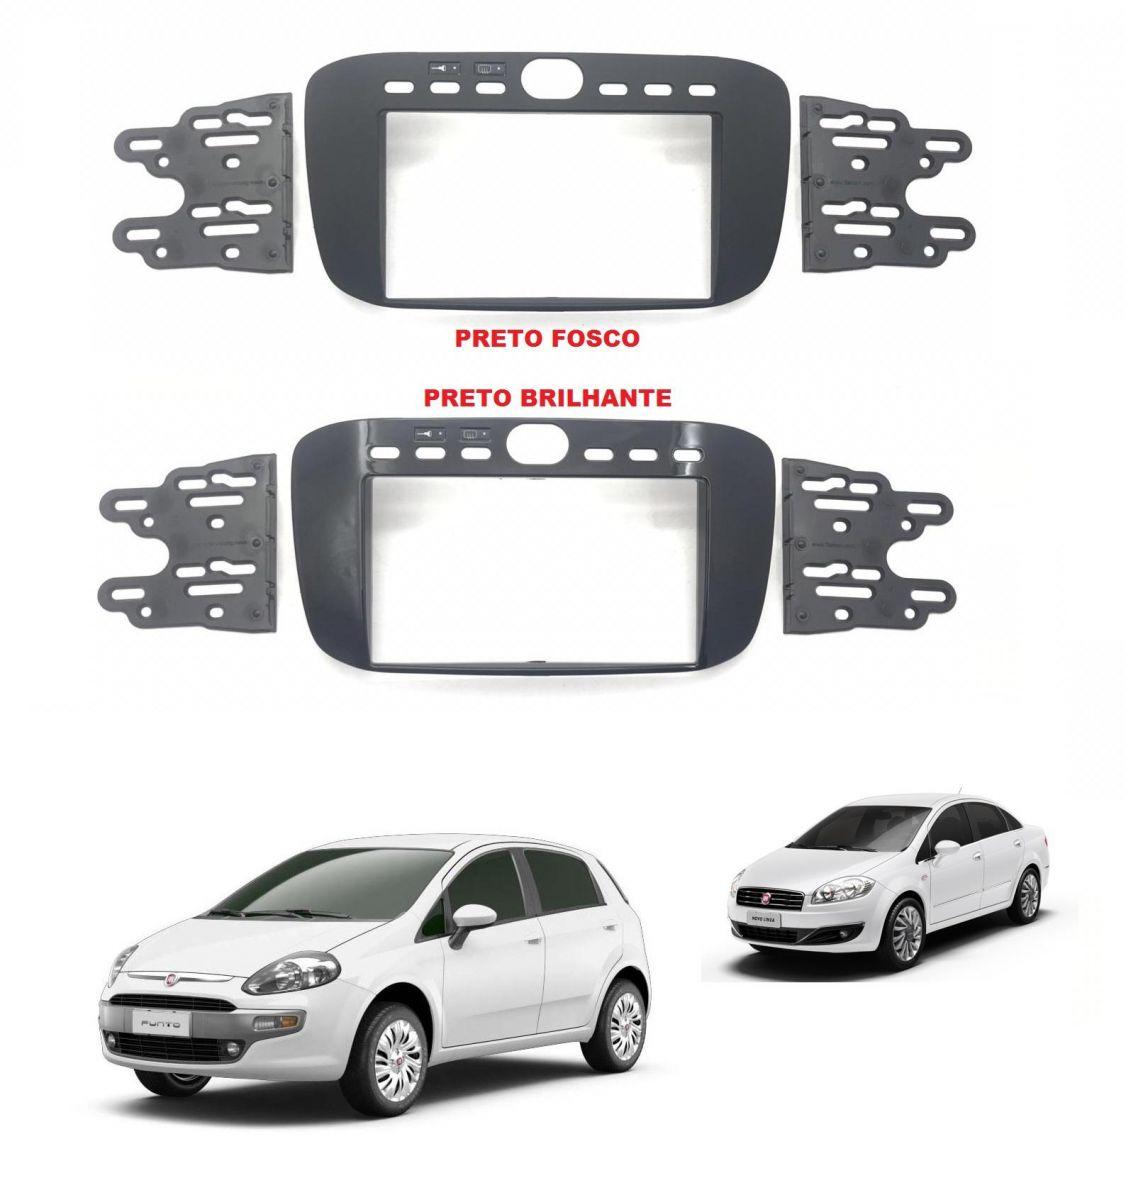 Moldura 2 DIN Fiamon Para Fiat Punto 2013 à 2017 e Linea 2015 à 2016 - Padrão Japonês